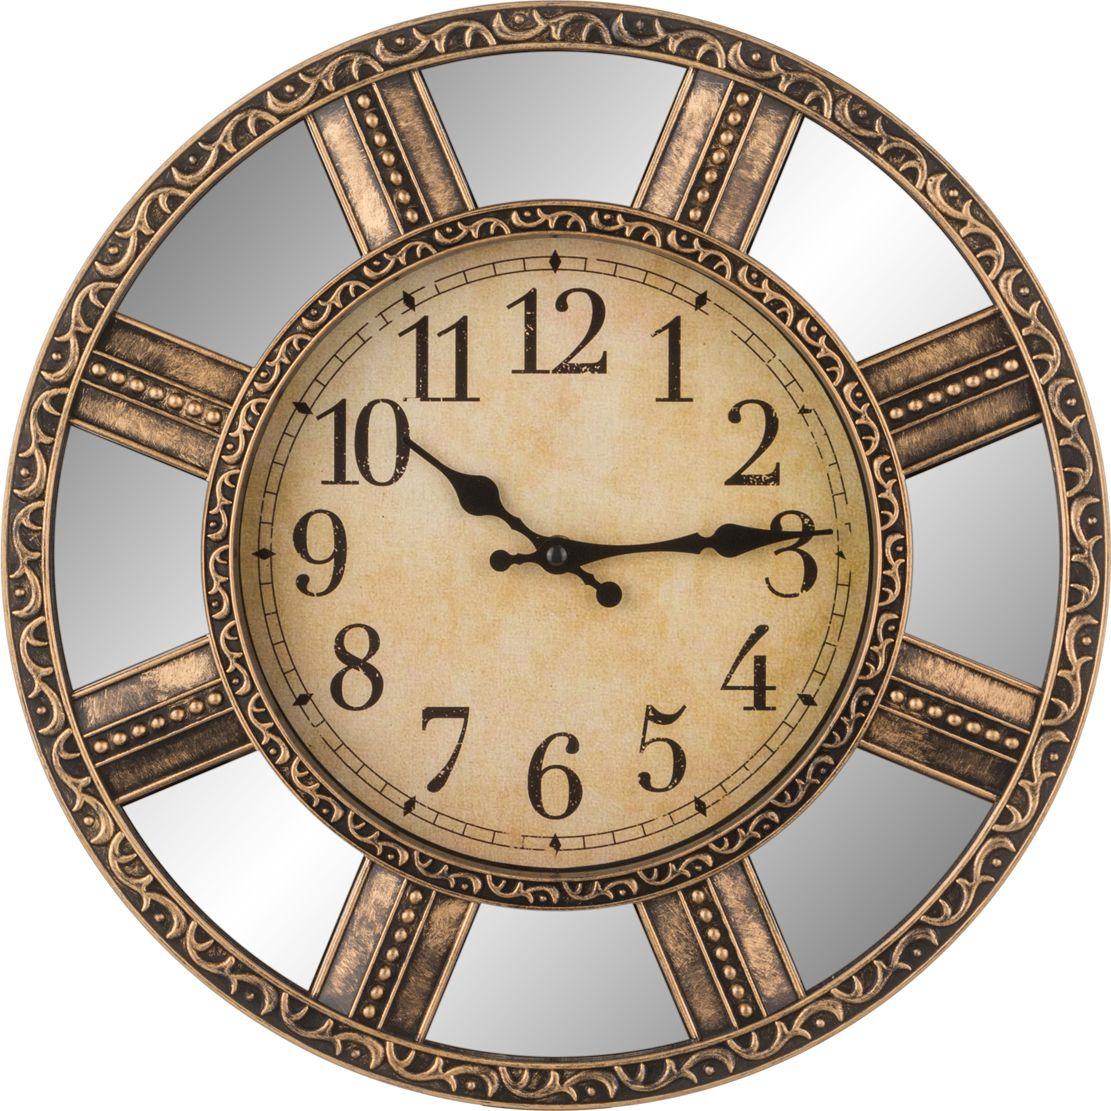 цена Настенные часы Lefard Swiss Home, 220-184, 38 х 38 х 4,8 см онлайн в 2017 году